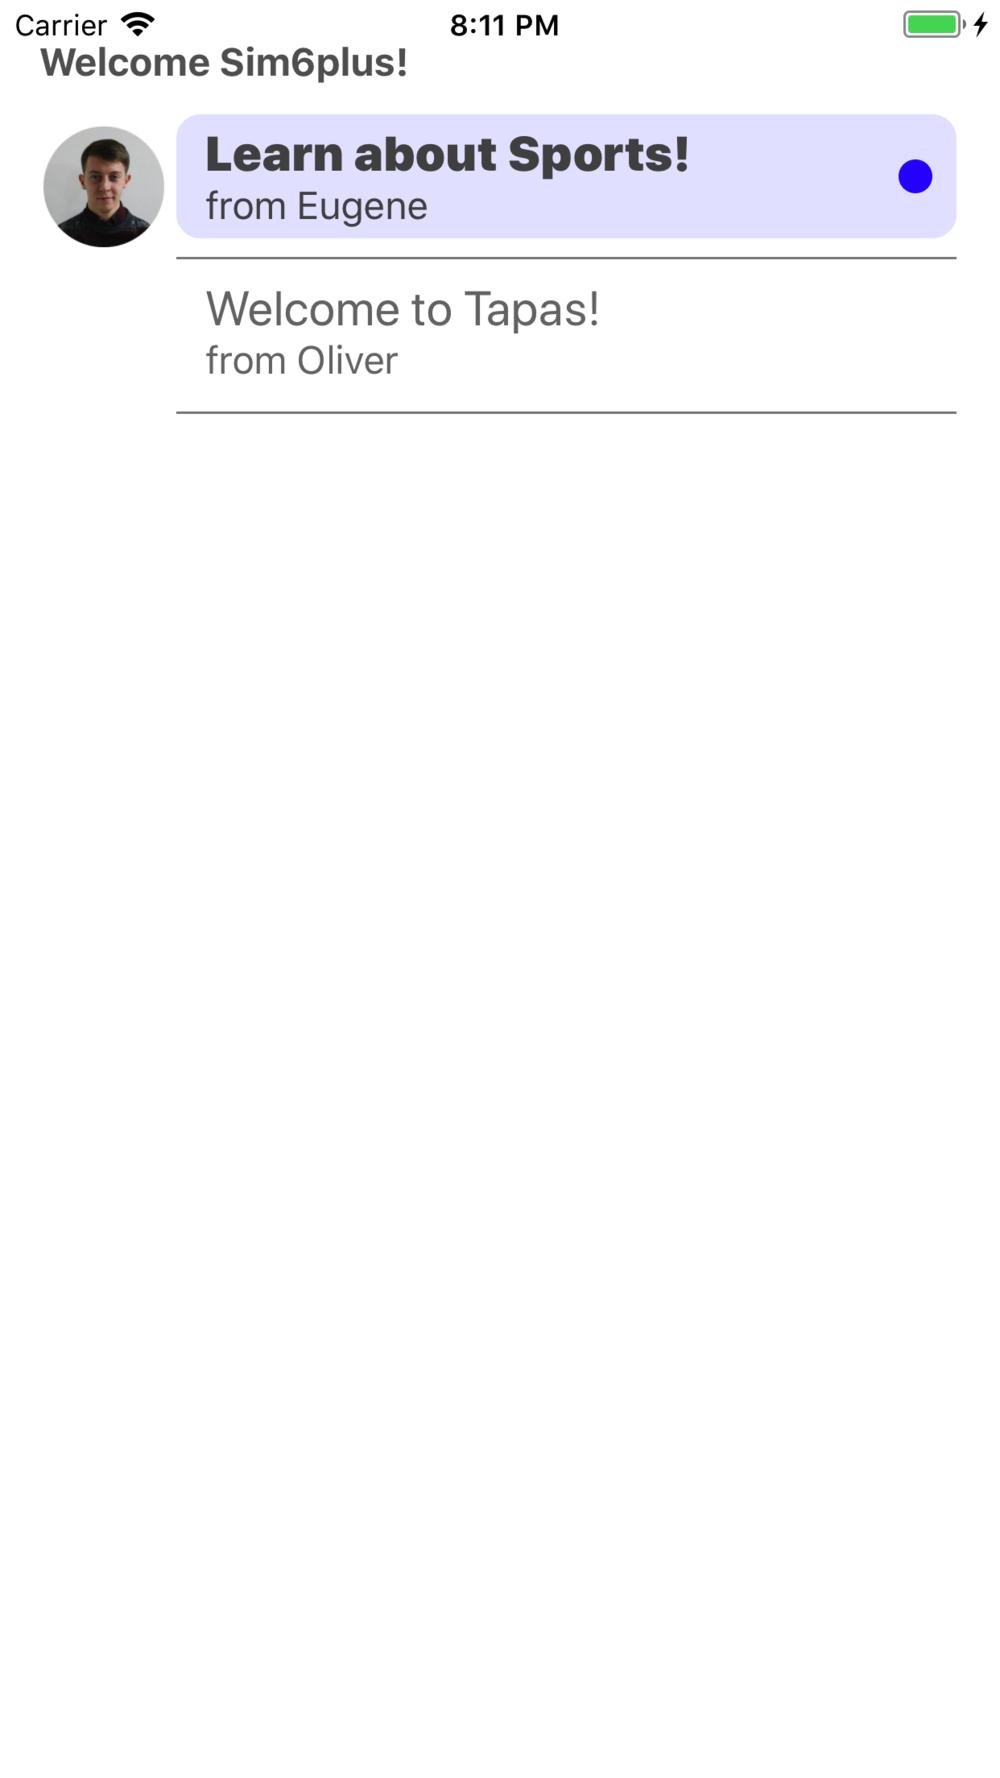 Simulator Screen Shot - iPhone 6 Plus - 2017-11-06 at 20.11.01.png